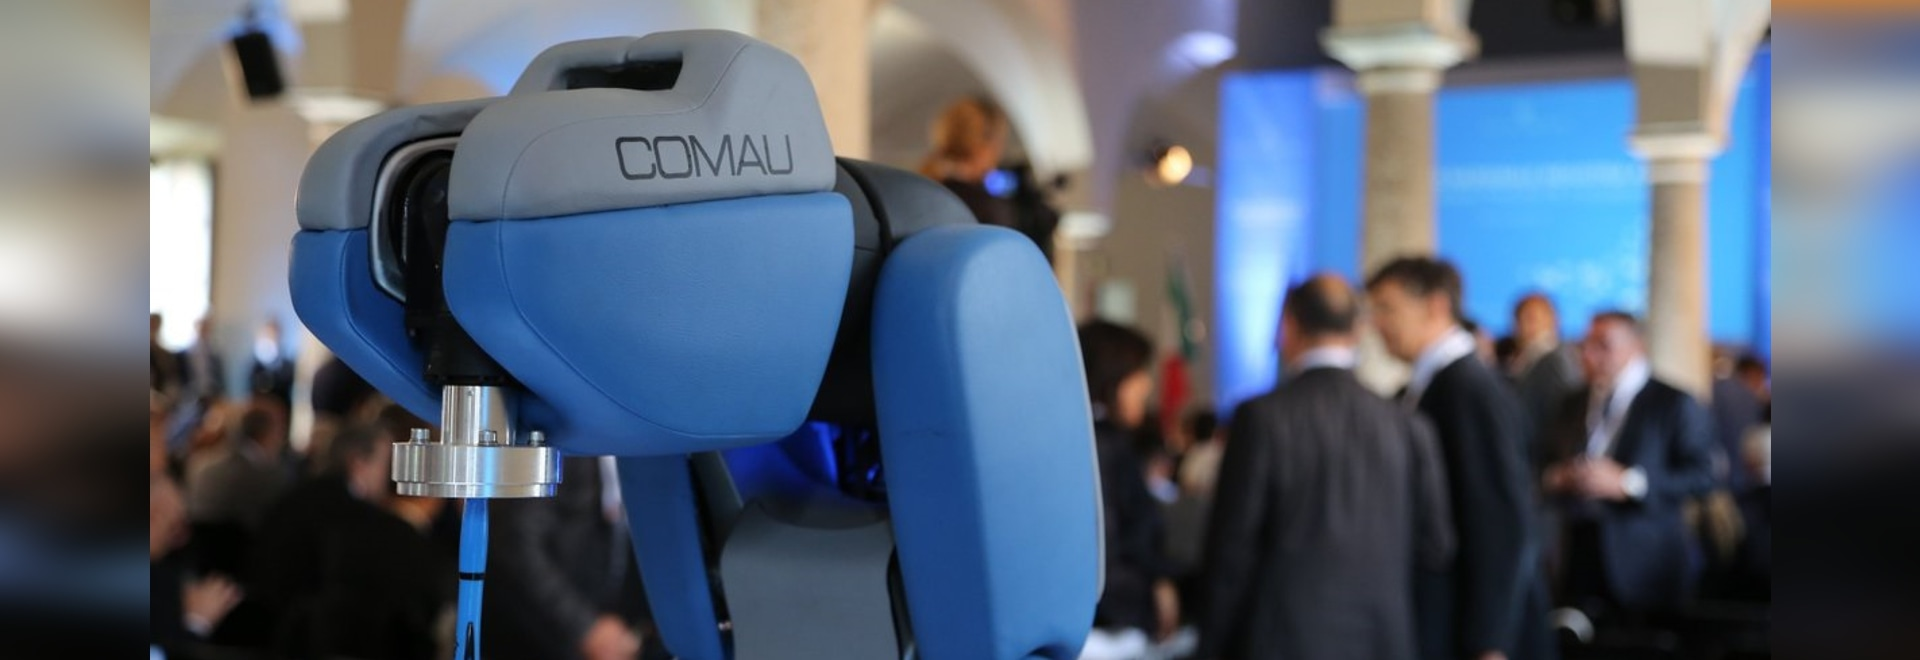 Comau : 2000-2020, 6 évolutions de la robotique